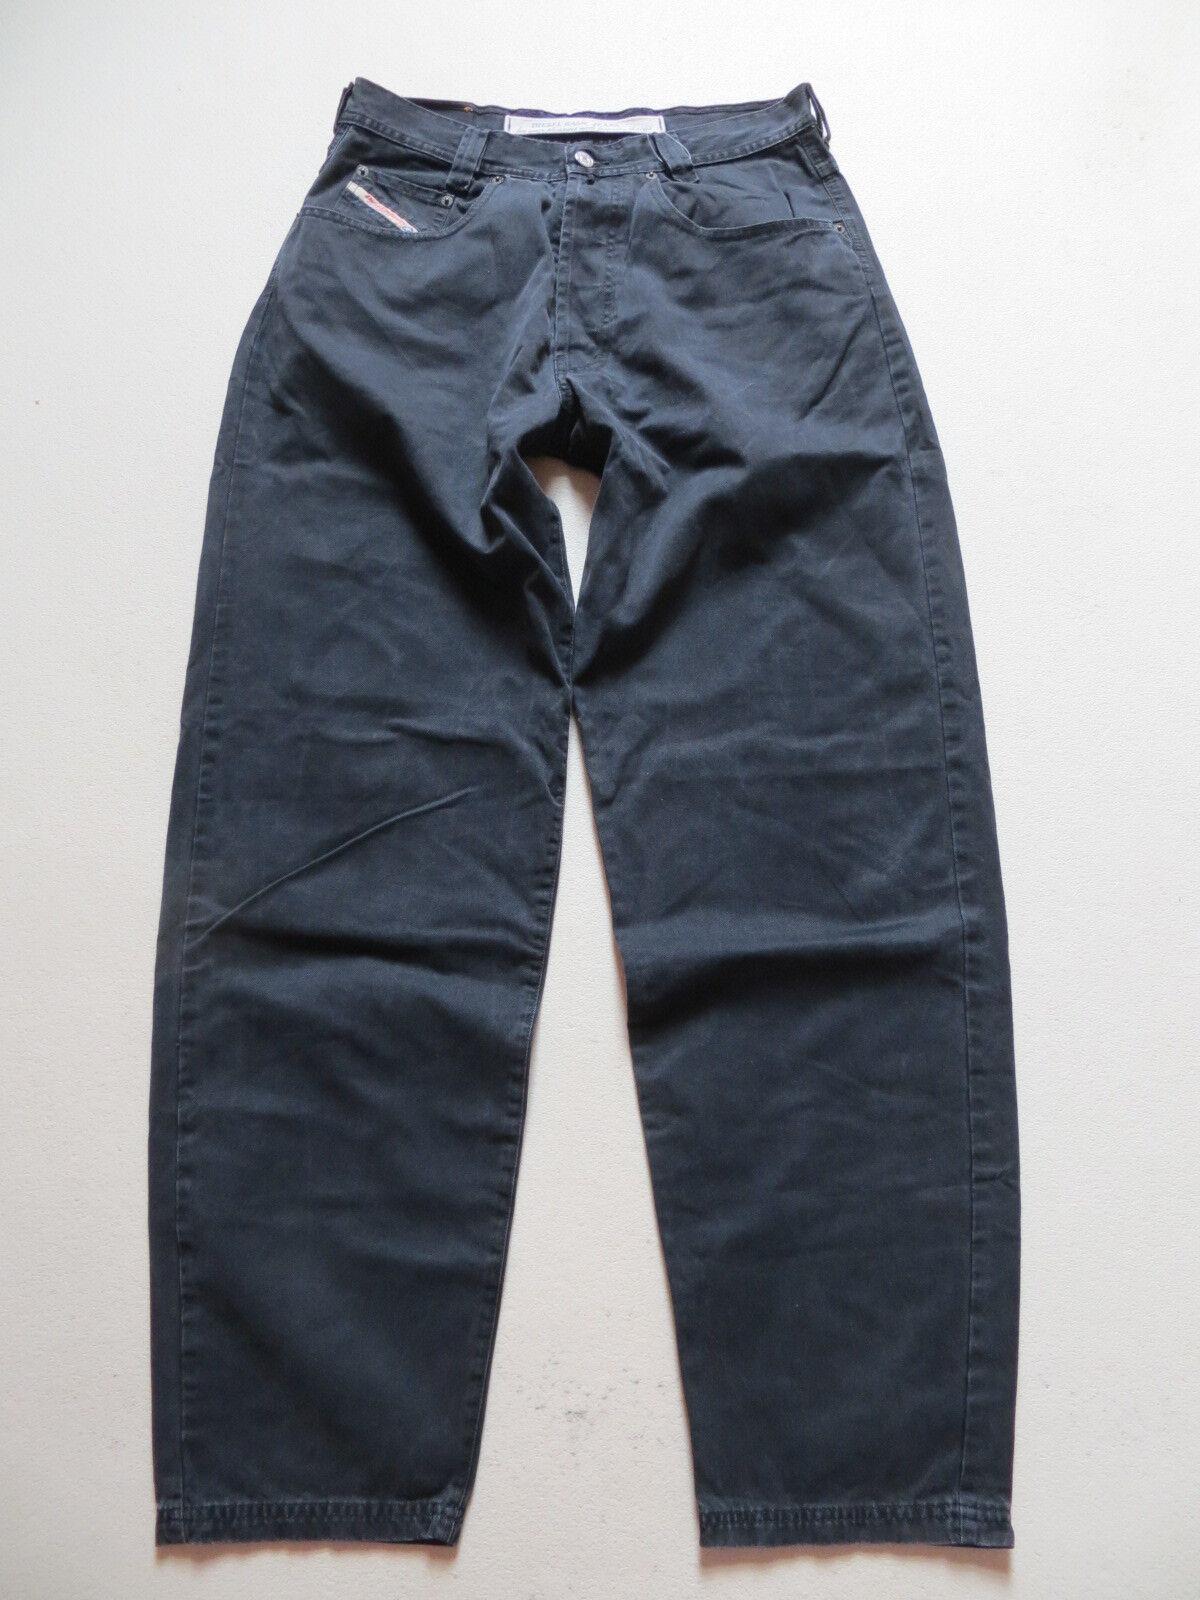 Diesel old SADDLE Jeans Hose W 32  L 34, black, weiter Oberschenkel, RARITÄT